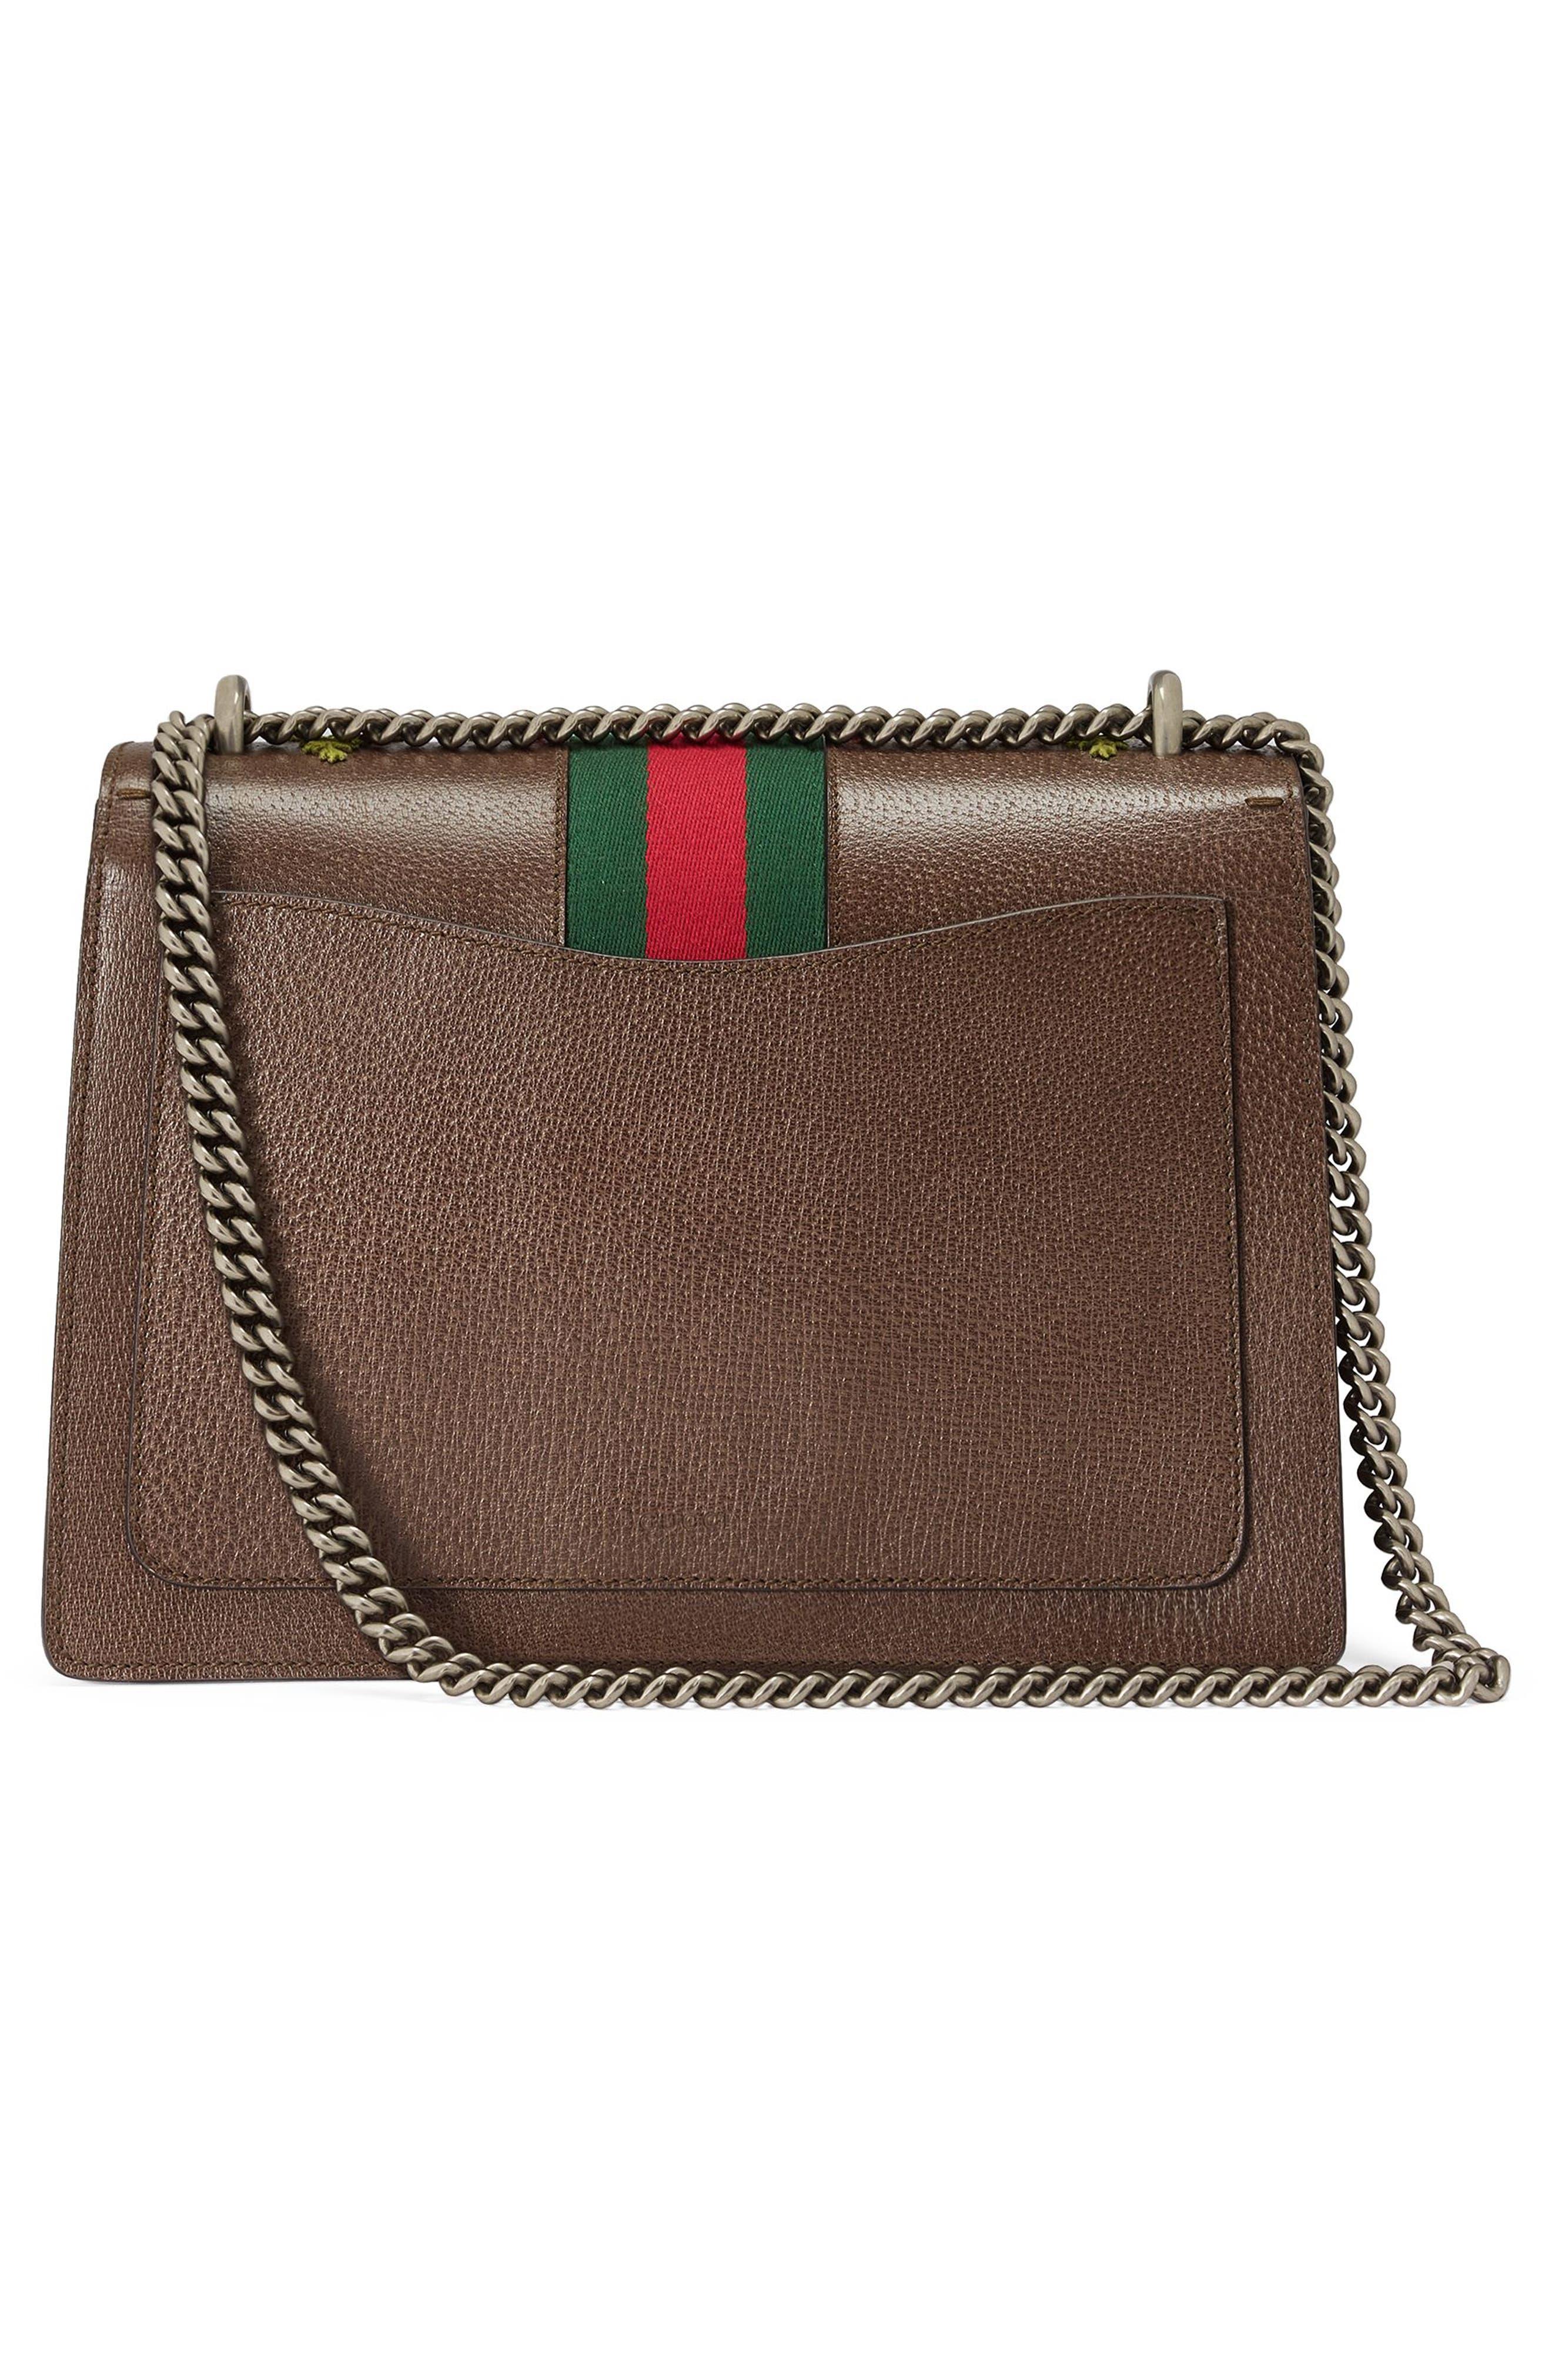 Alternate Image 2  - Gucci Medium Dionysus Embroidered Leather Shoulder Bag